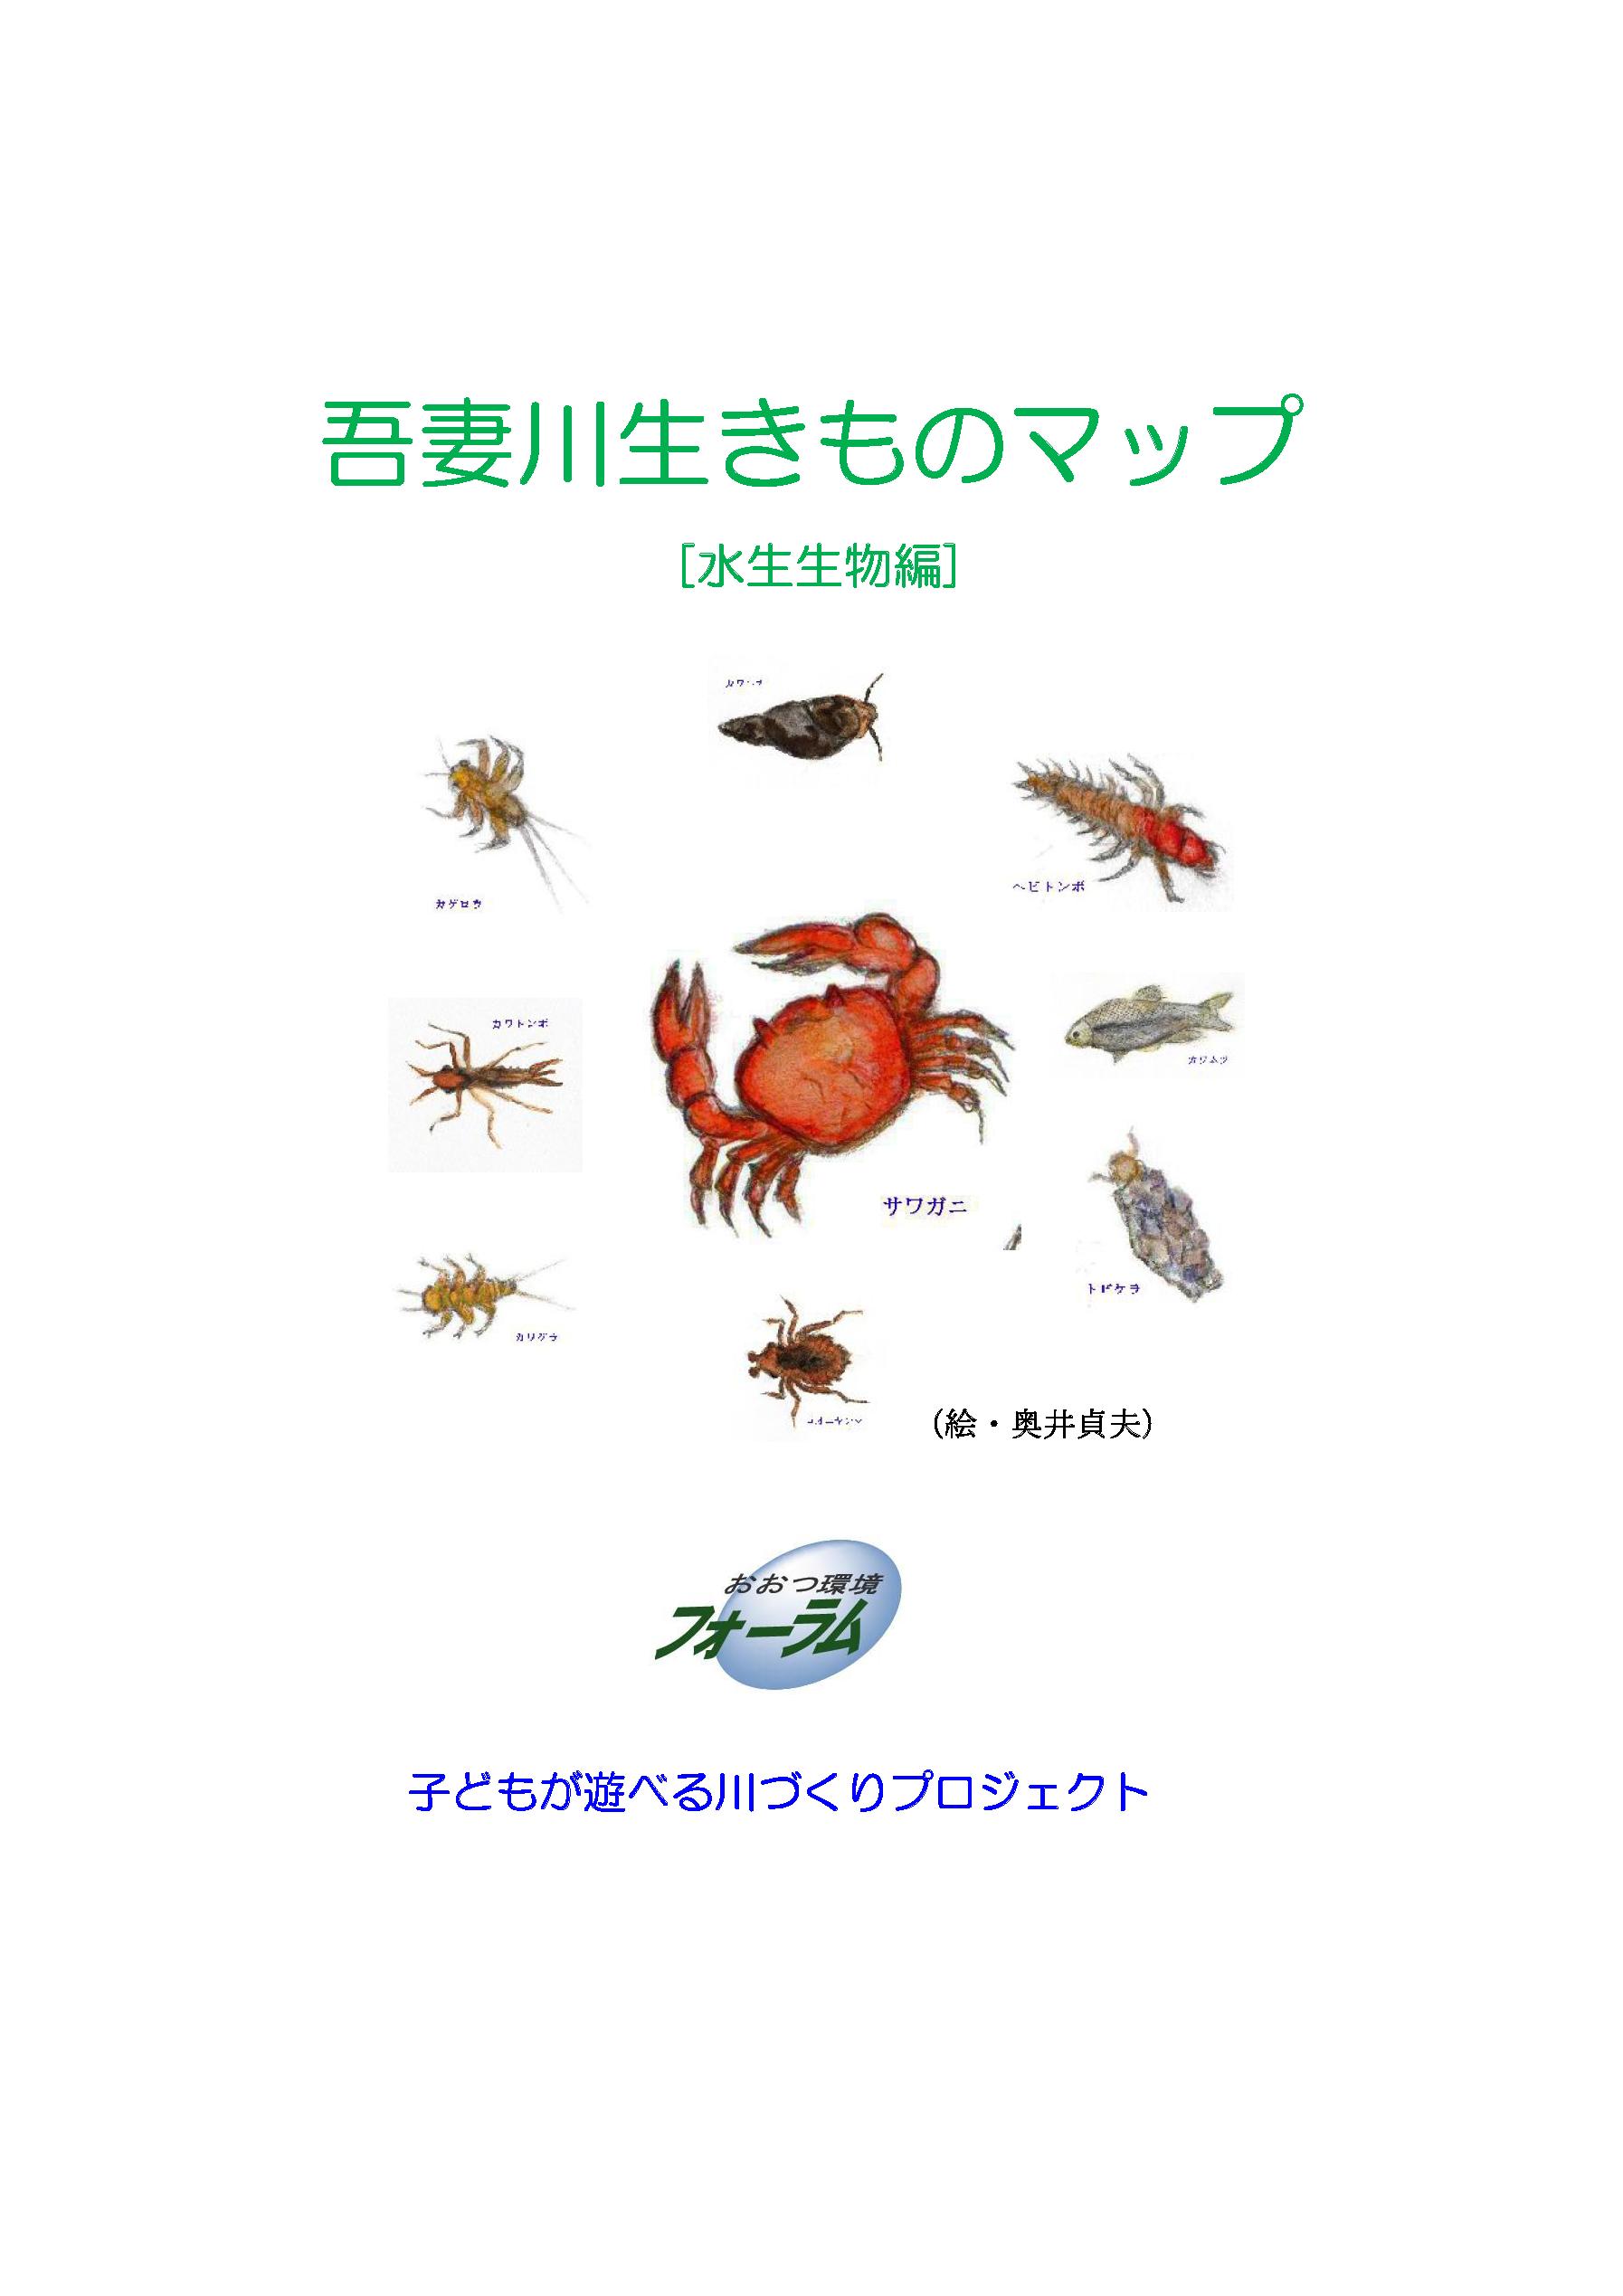 吾妻川生きものマップ「水生生物編」